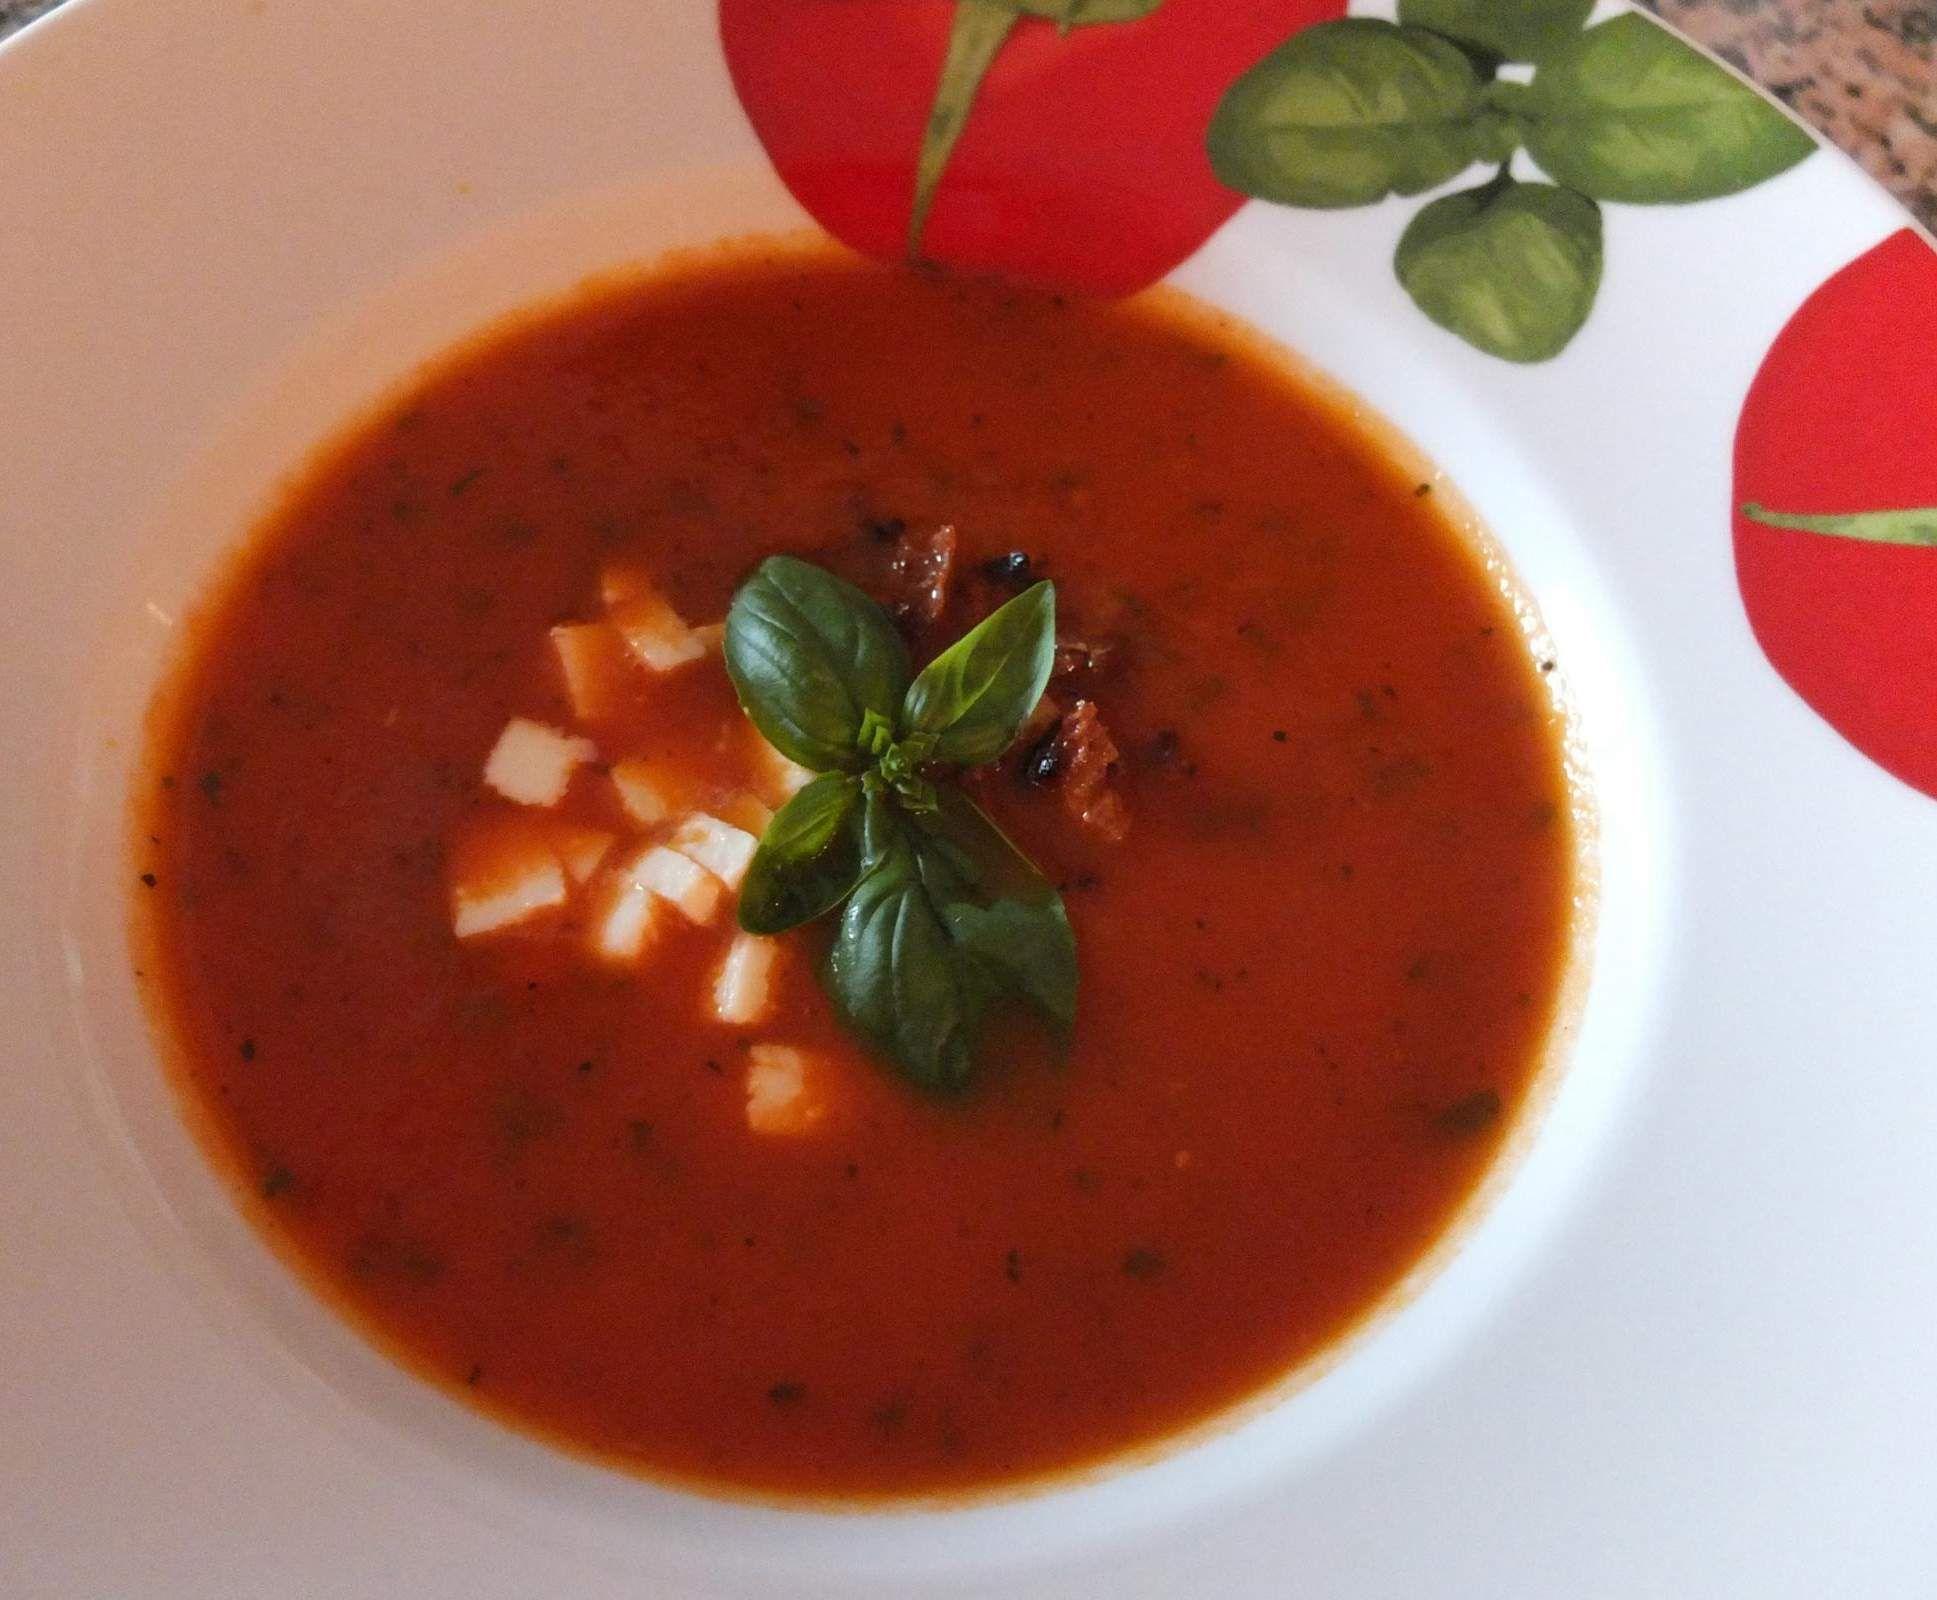 Rezept Tomatensuppe Aus Frischen Tomaten Von Schirmle bestimmt für Rezepte Tomatensuppe Aus Frischen Tomaten